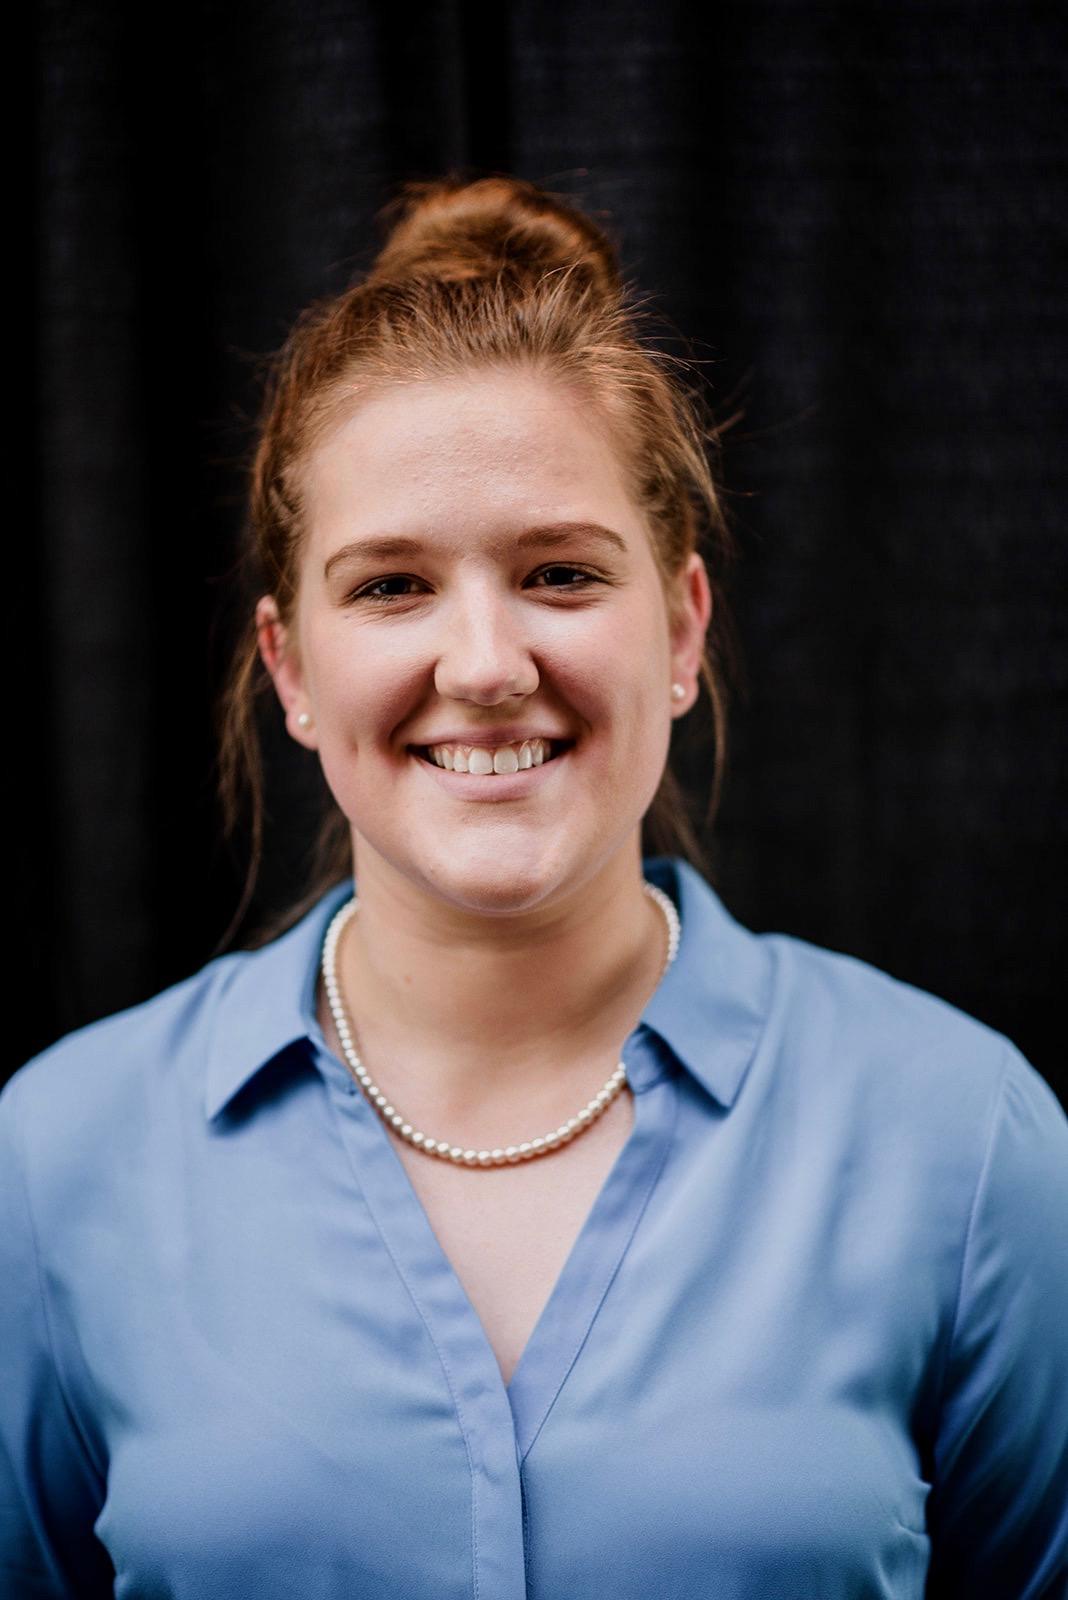 Megan Ruckman